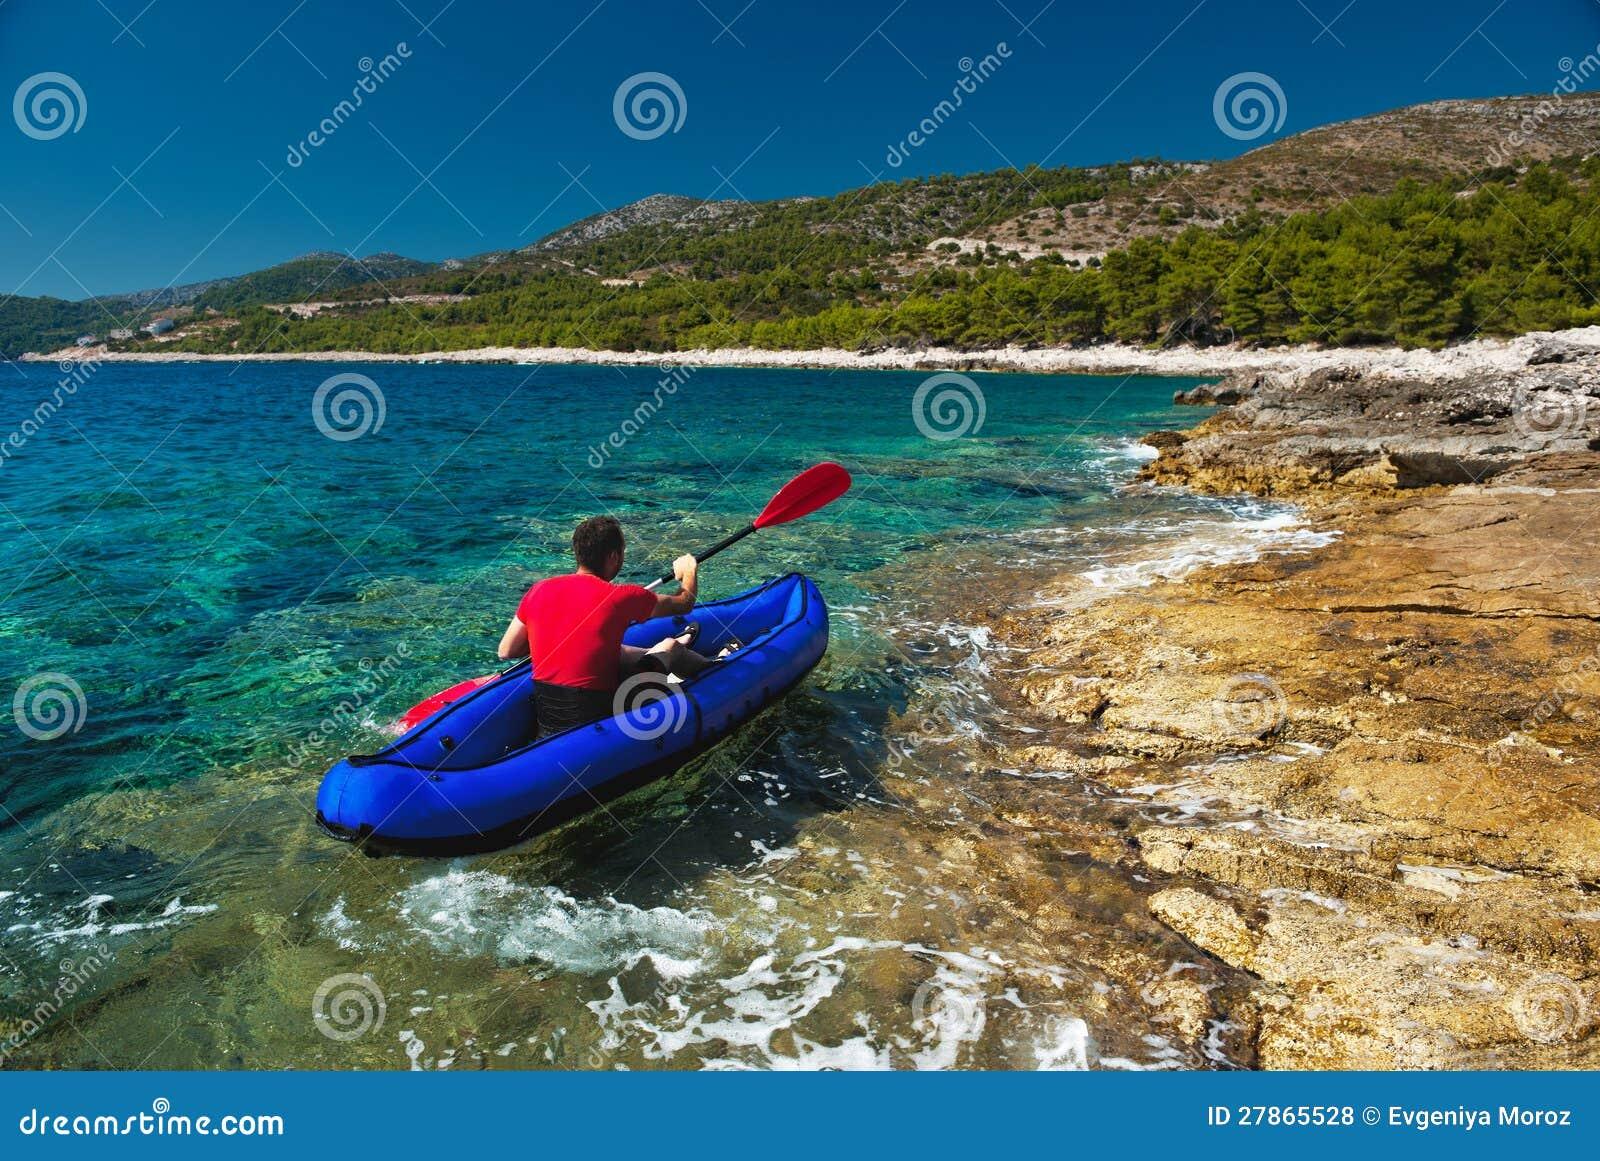 Mężczyzna wioślarstwo w kajaku przy Adriatyckim morzem